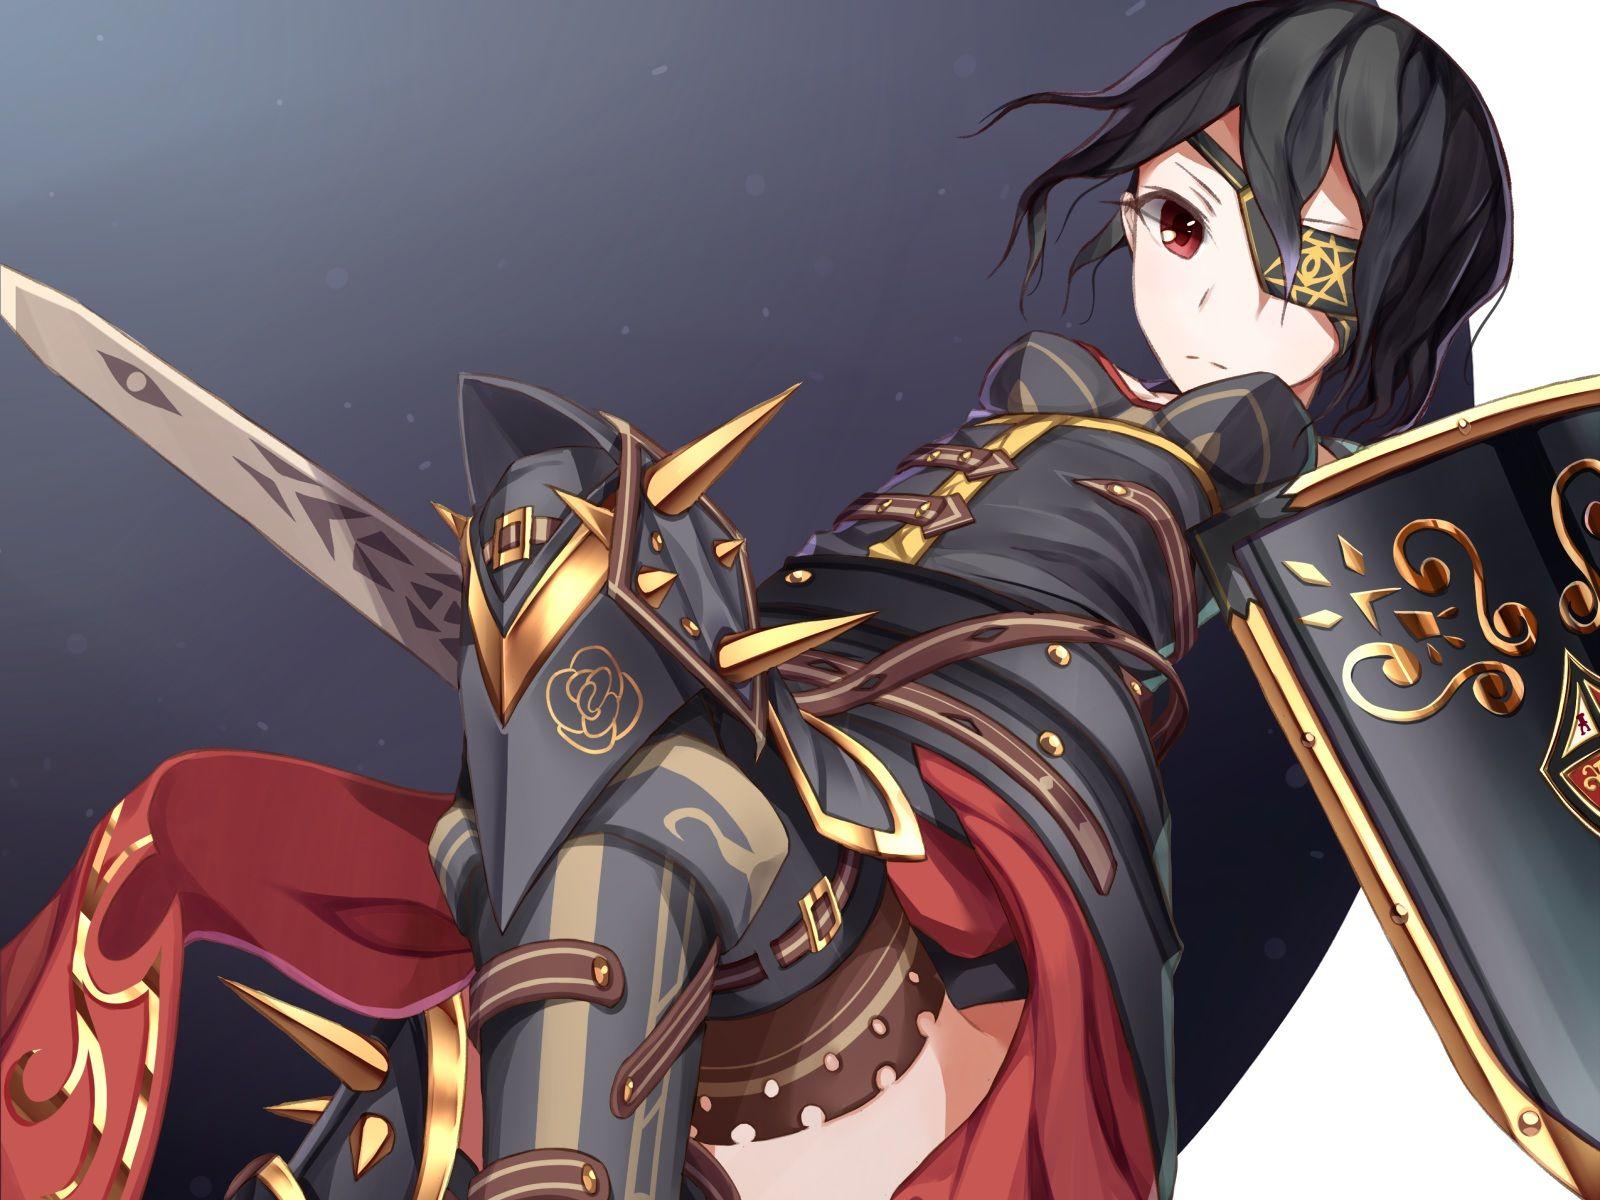 Original armor atha black hair eyepatch original sword